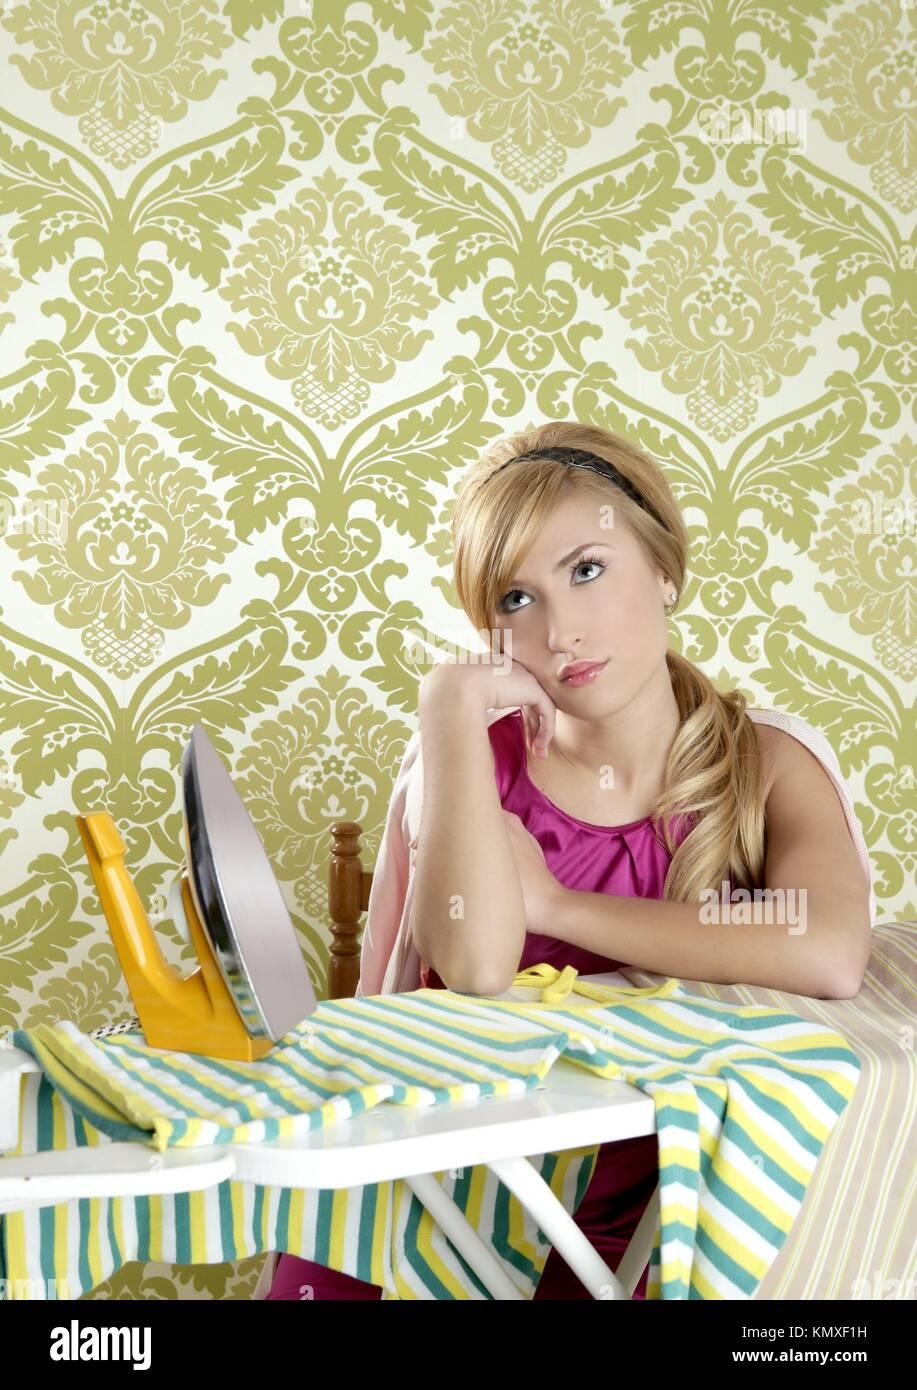 Retrò casalinga donna vintage clotes ferro stanco di lavorare Immagini Stock 6c6d4d8aec4e